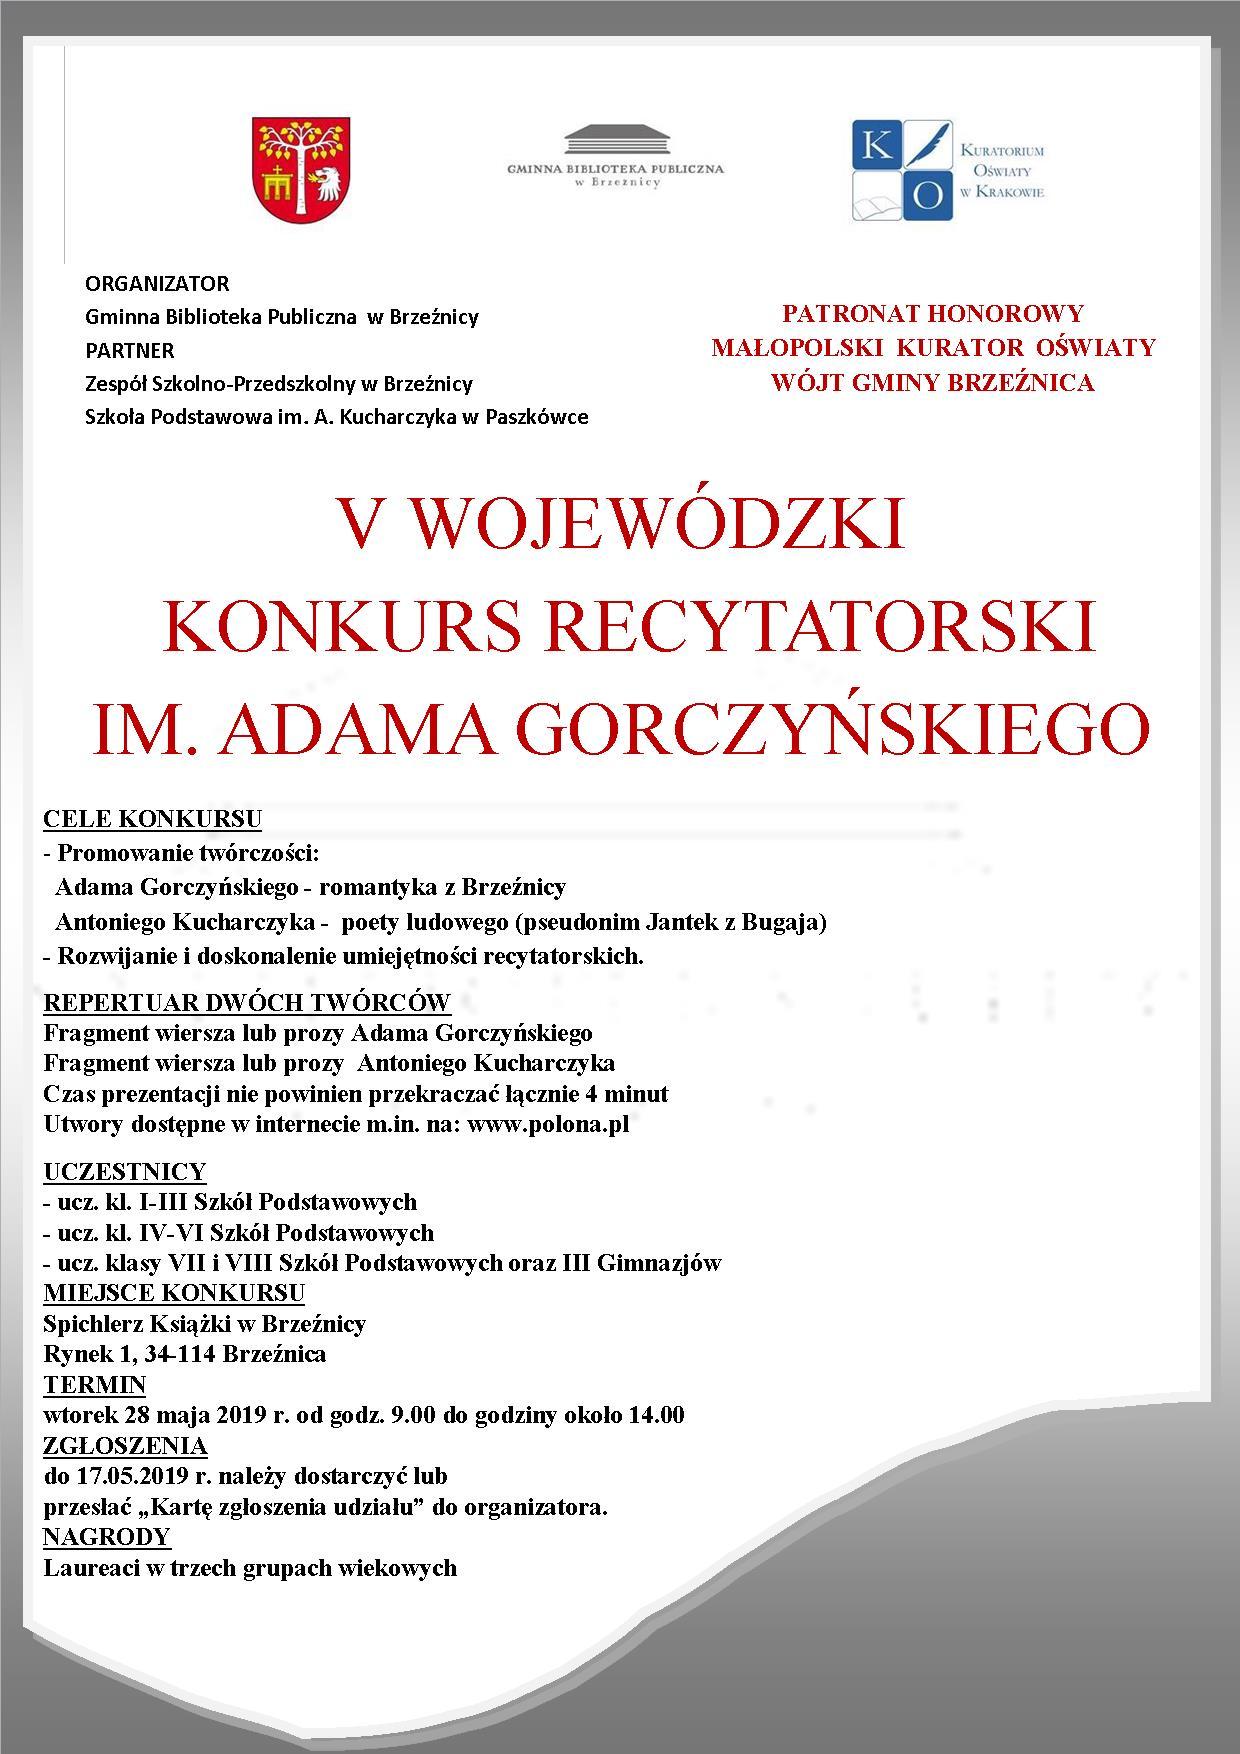 Brzeźnica Twórczość Jadama I Jantka Beskidzka24pl